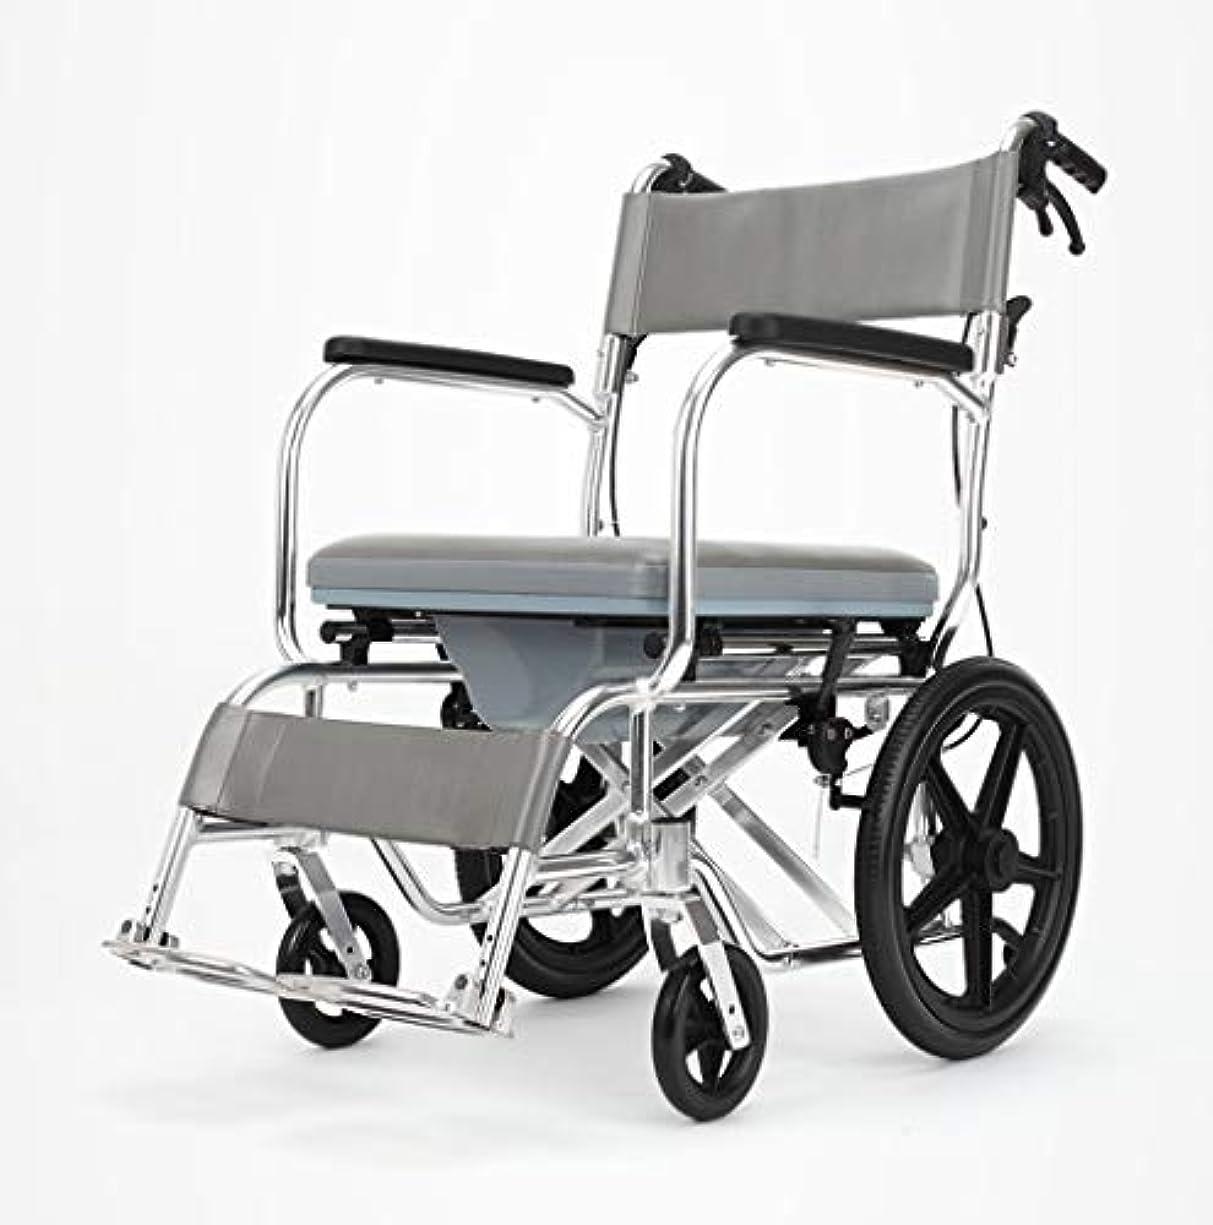 出身地アンソロジーベックス車椅子折りたたみ式多機能安全ケア、ブレーキ、ポータブルトロリー、身体障害者用屋外車椅子